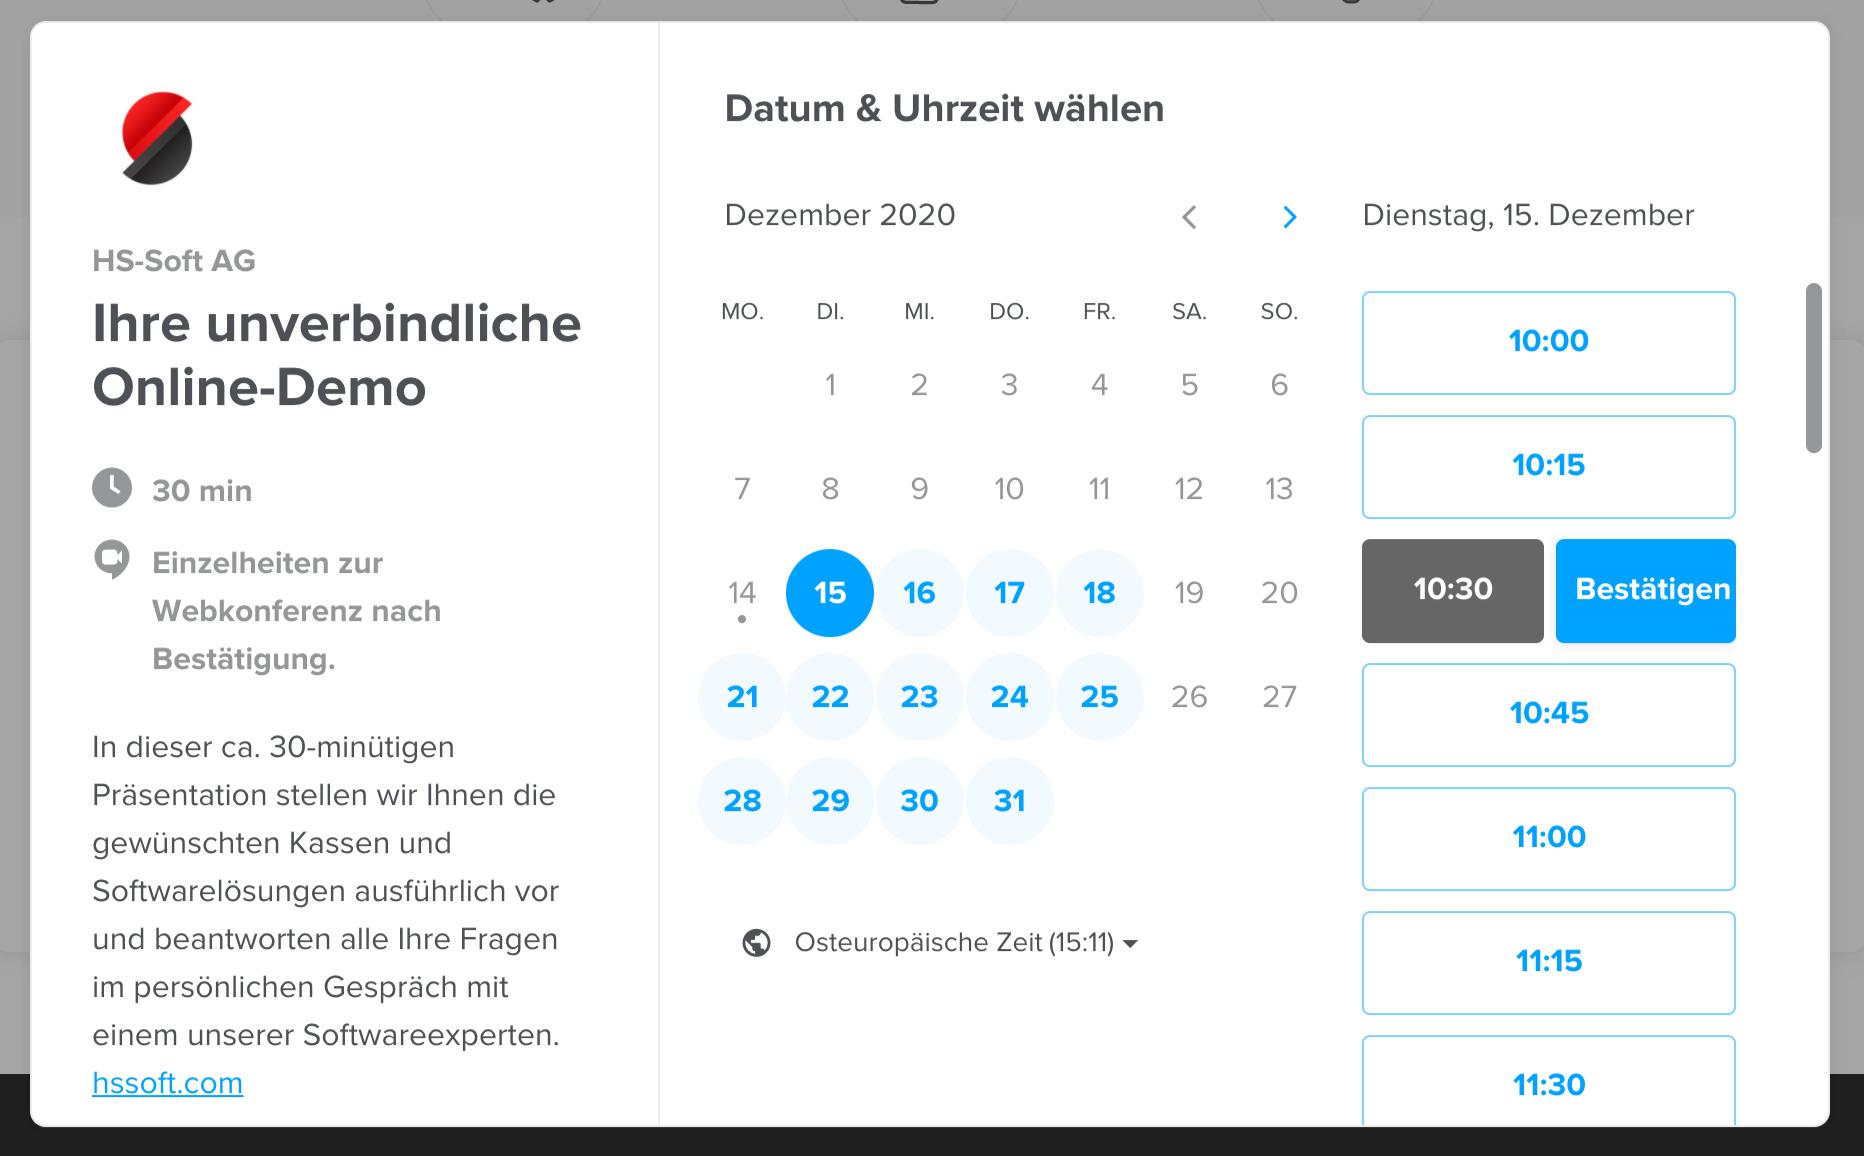 Online Terminkalender von HS-Soft